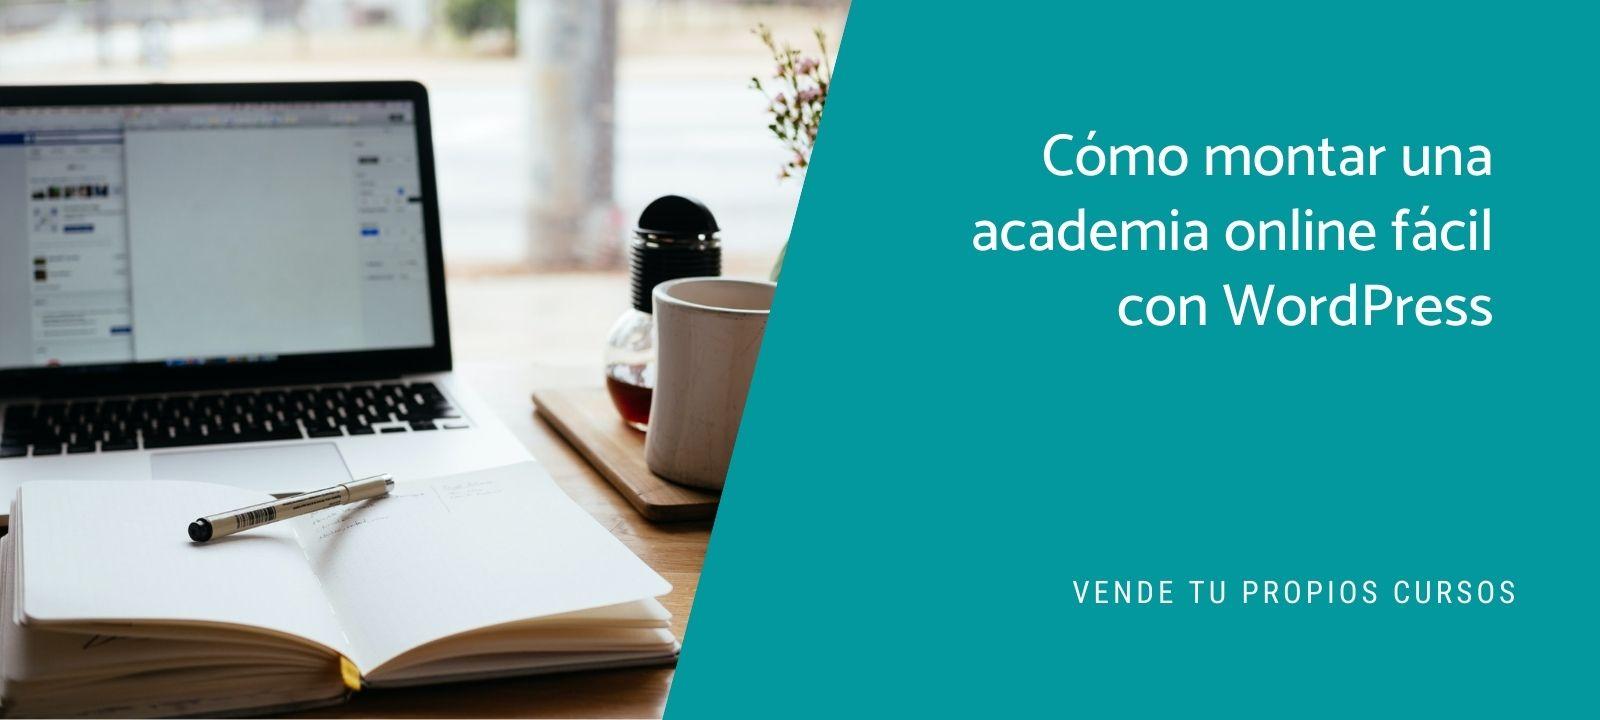 Cómo montar una academia online fácil con WordPress